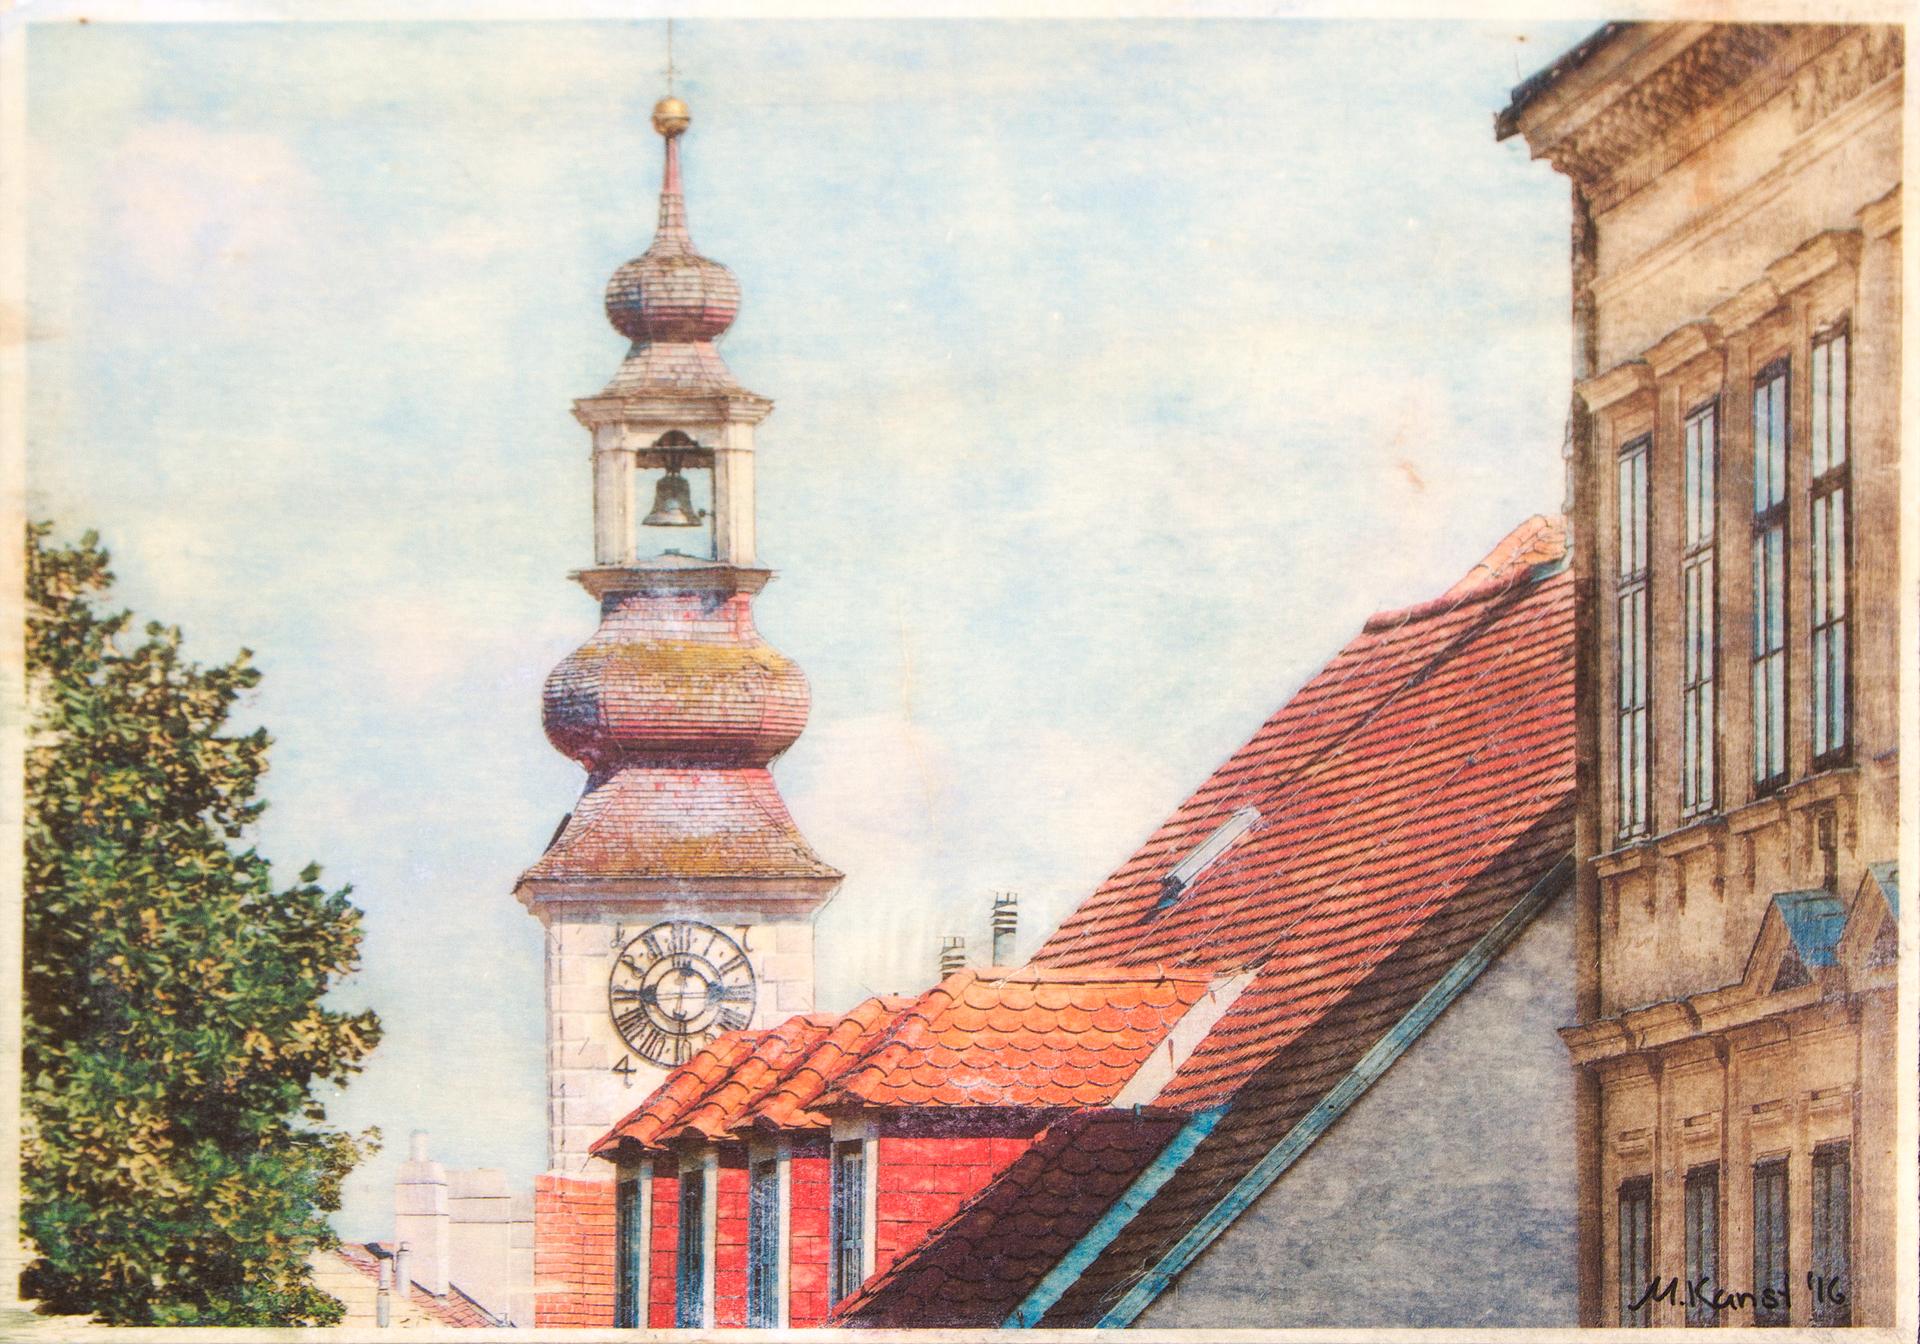 Mödling Rathausturm/Dächer